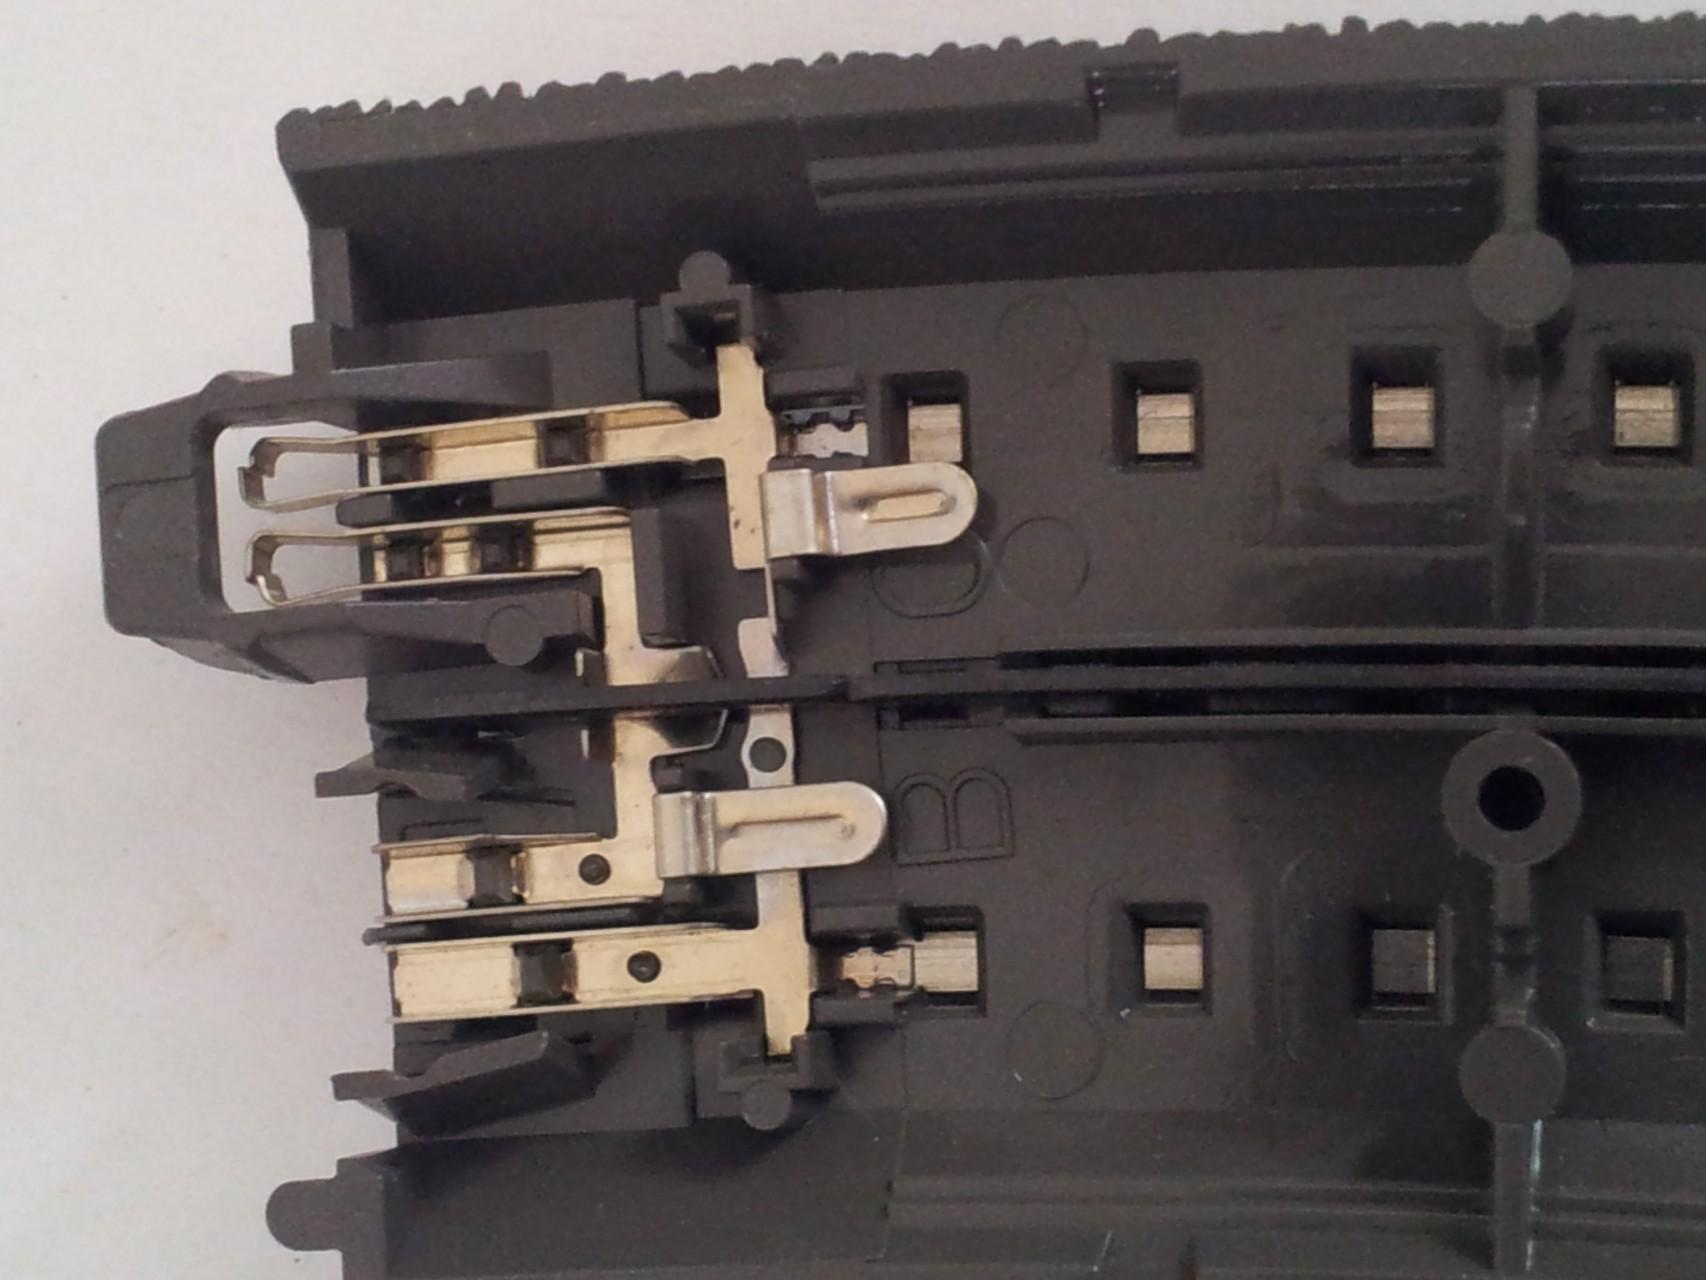 Beim Alpha-Gleis fehlen diese Anschlußzungen. Und auch die stromführenden Teile sind hier aus Kupfer was (in einem späteren Bild) zu weiteren Problemen führen kann